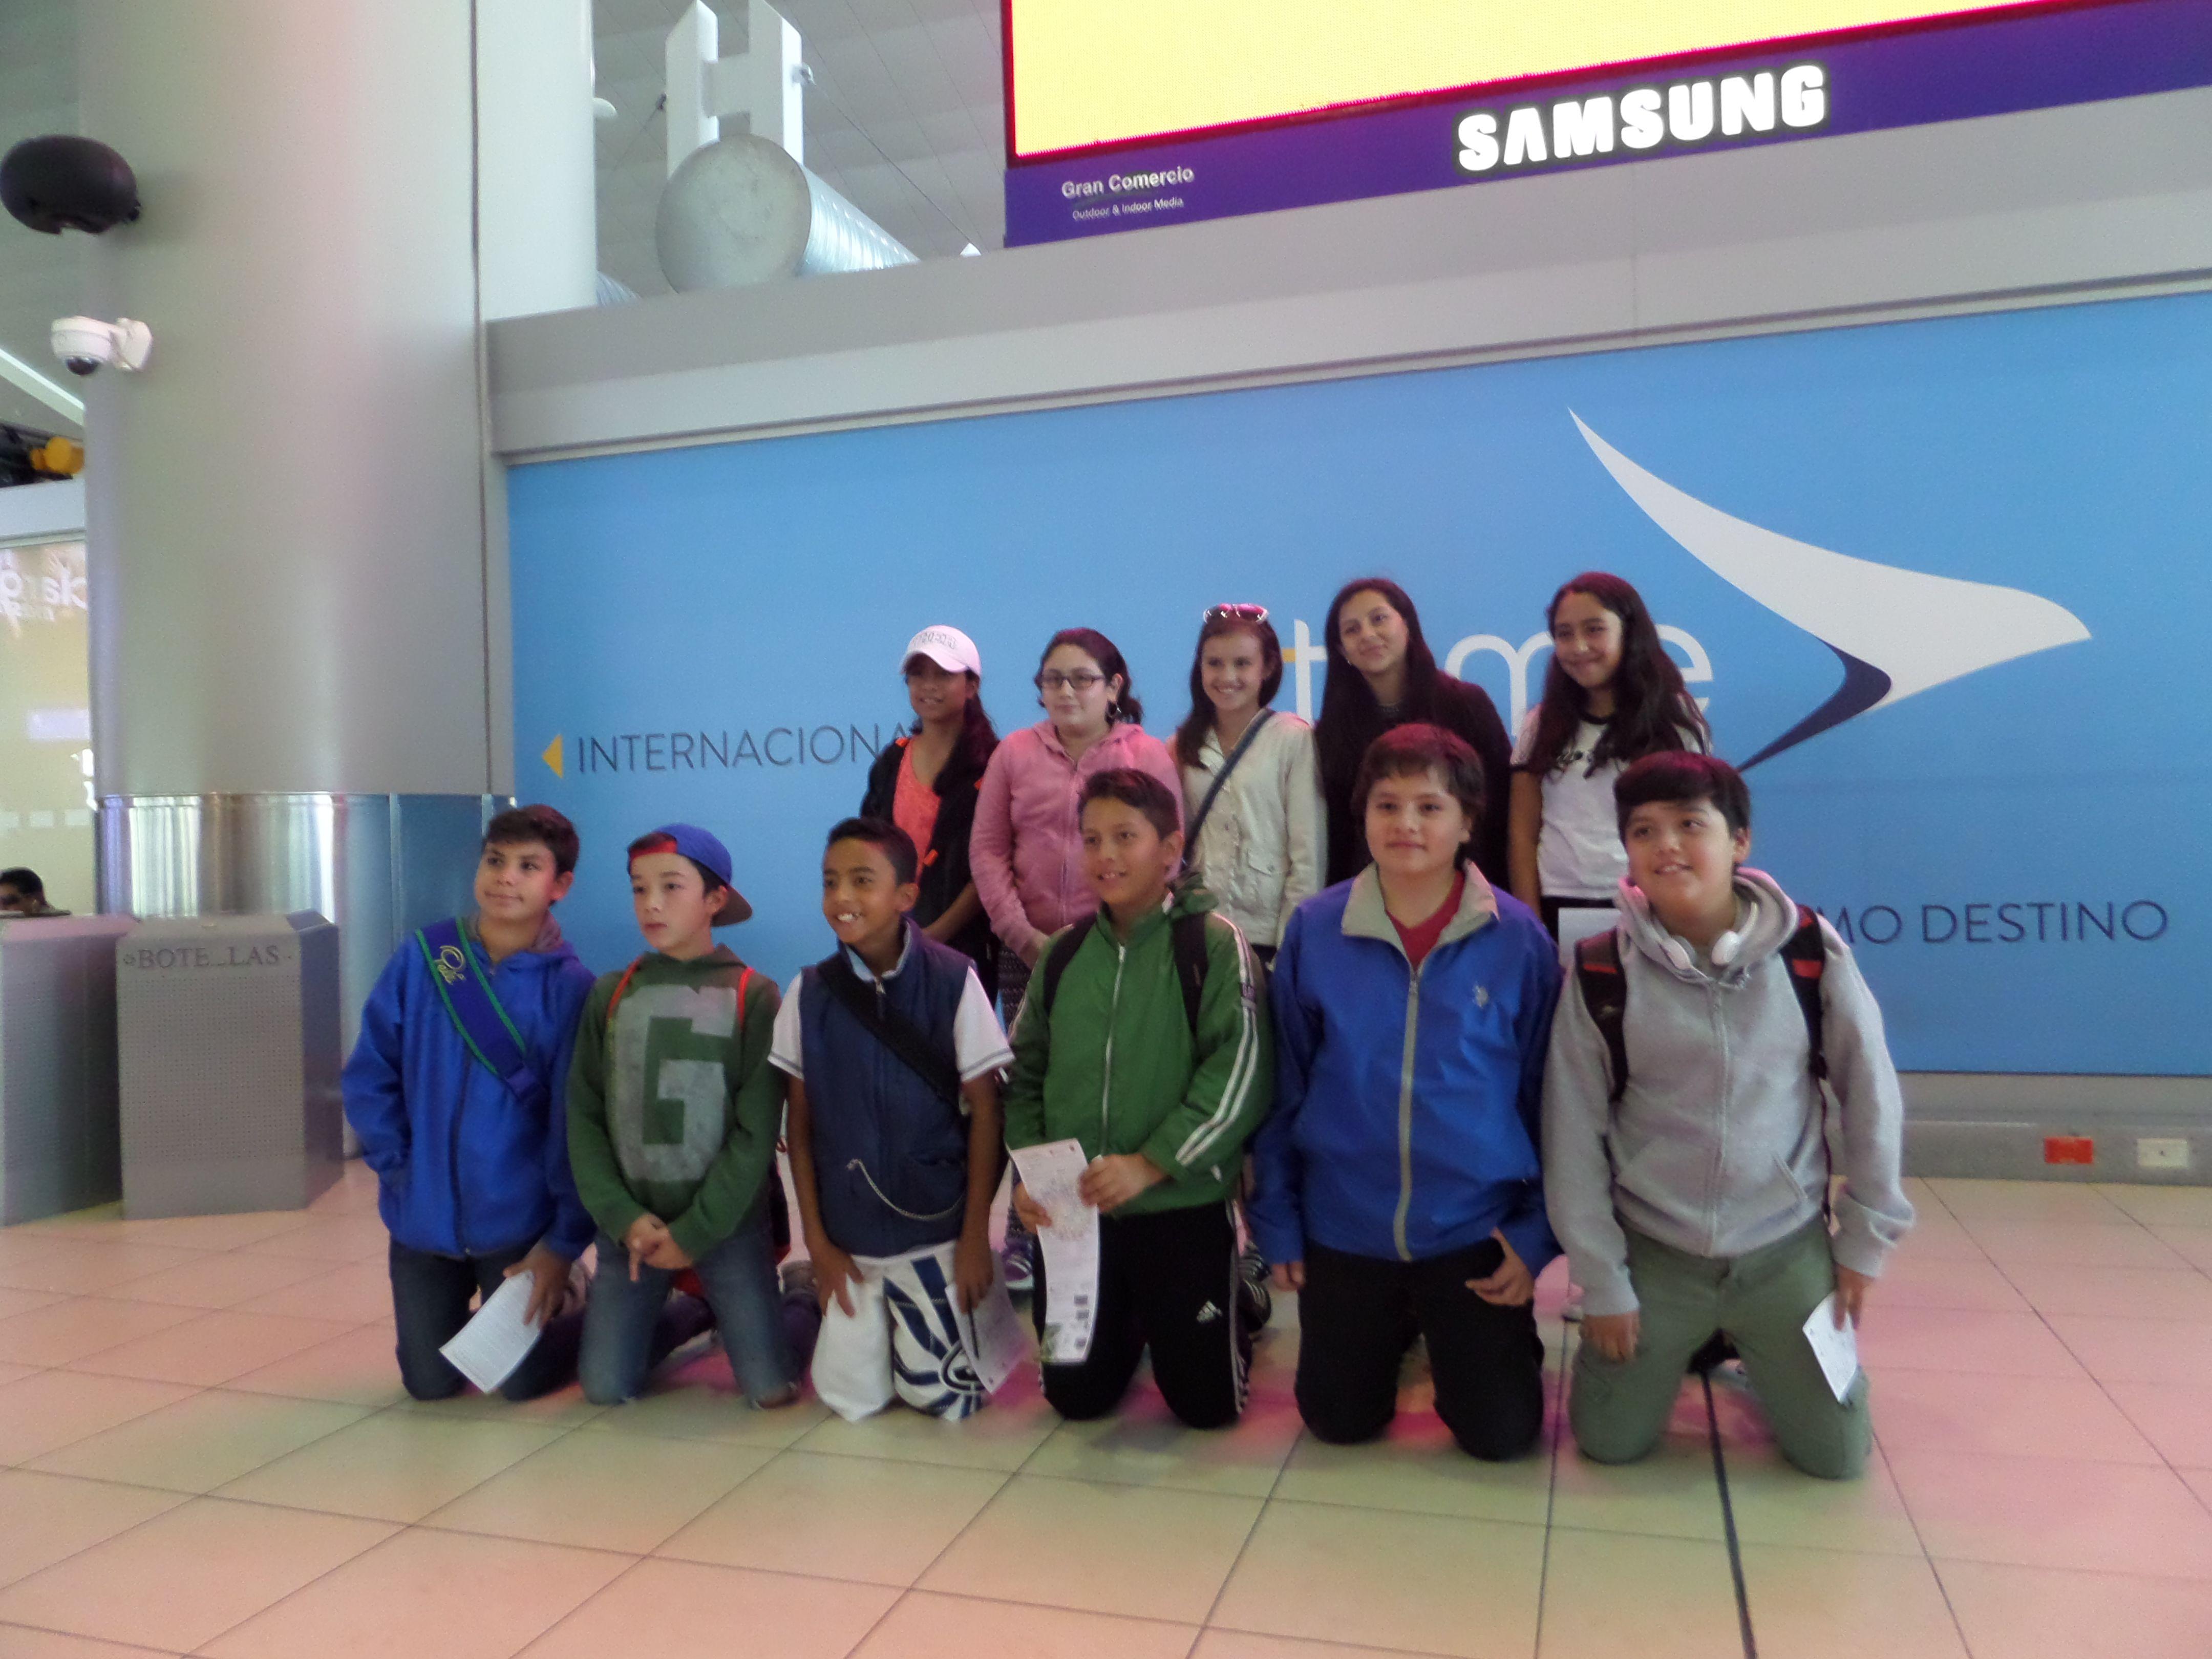 Los alumnos del Colegio Los Álamos listos en el aeropuerto para partir a sus vacaciones en las Islas #Galápagos